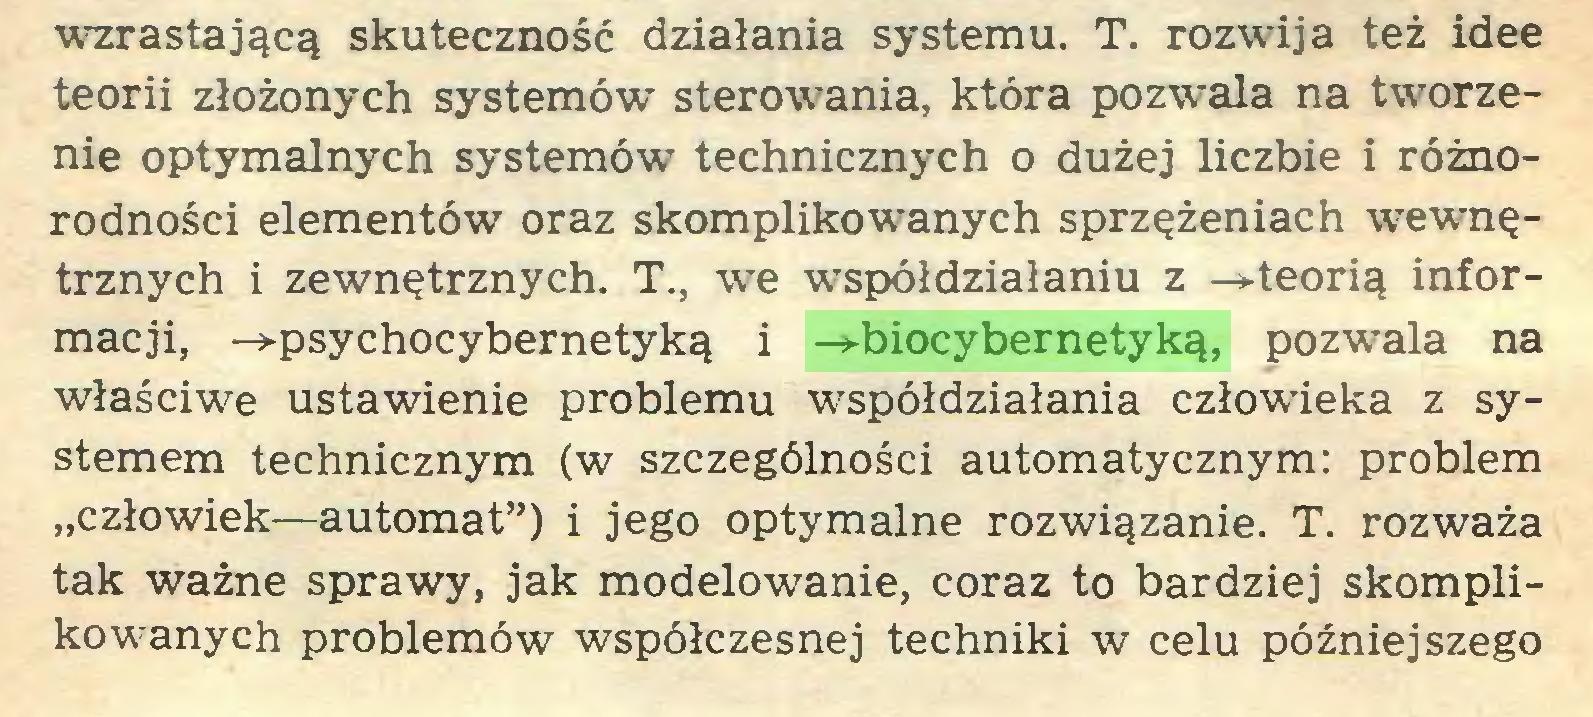 """(...) wzrastającą skuteczność działania systemu. T. rozwija też idee teorii złożonych systemów sterowania, która pozwala na tworzenie optymalnych systemów technicznych o dużej liczbie i różnorodności elementów oraz skomplikowanych sprzężeniach wewnętrznych i zewnętrznych. T., we współdziałaniu z -»-teorią informacji, -»-psychocybernetyką i -^»-biocybernetyką, pozwala na właściwe ustawienie problemu współdziałania człowdeka z systemem technicznym (w szczególności automatycznym: problem """"człowiek—automat"""") i jego optymalne rozwiązanie. T. rozważa tak ważne sprawy, jak modelowanie, coraz to bardziej skomplikowanych problemów współczesnej techniki w celu późniejszego..."""